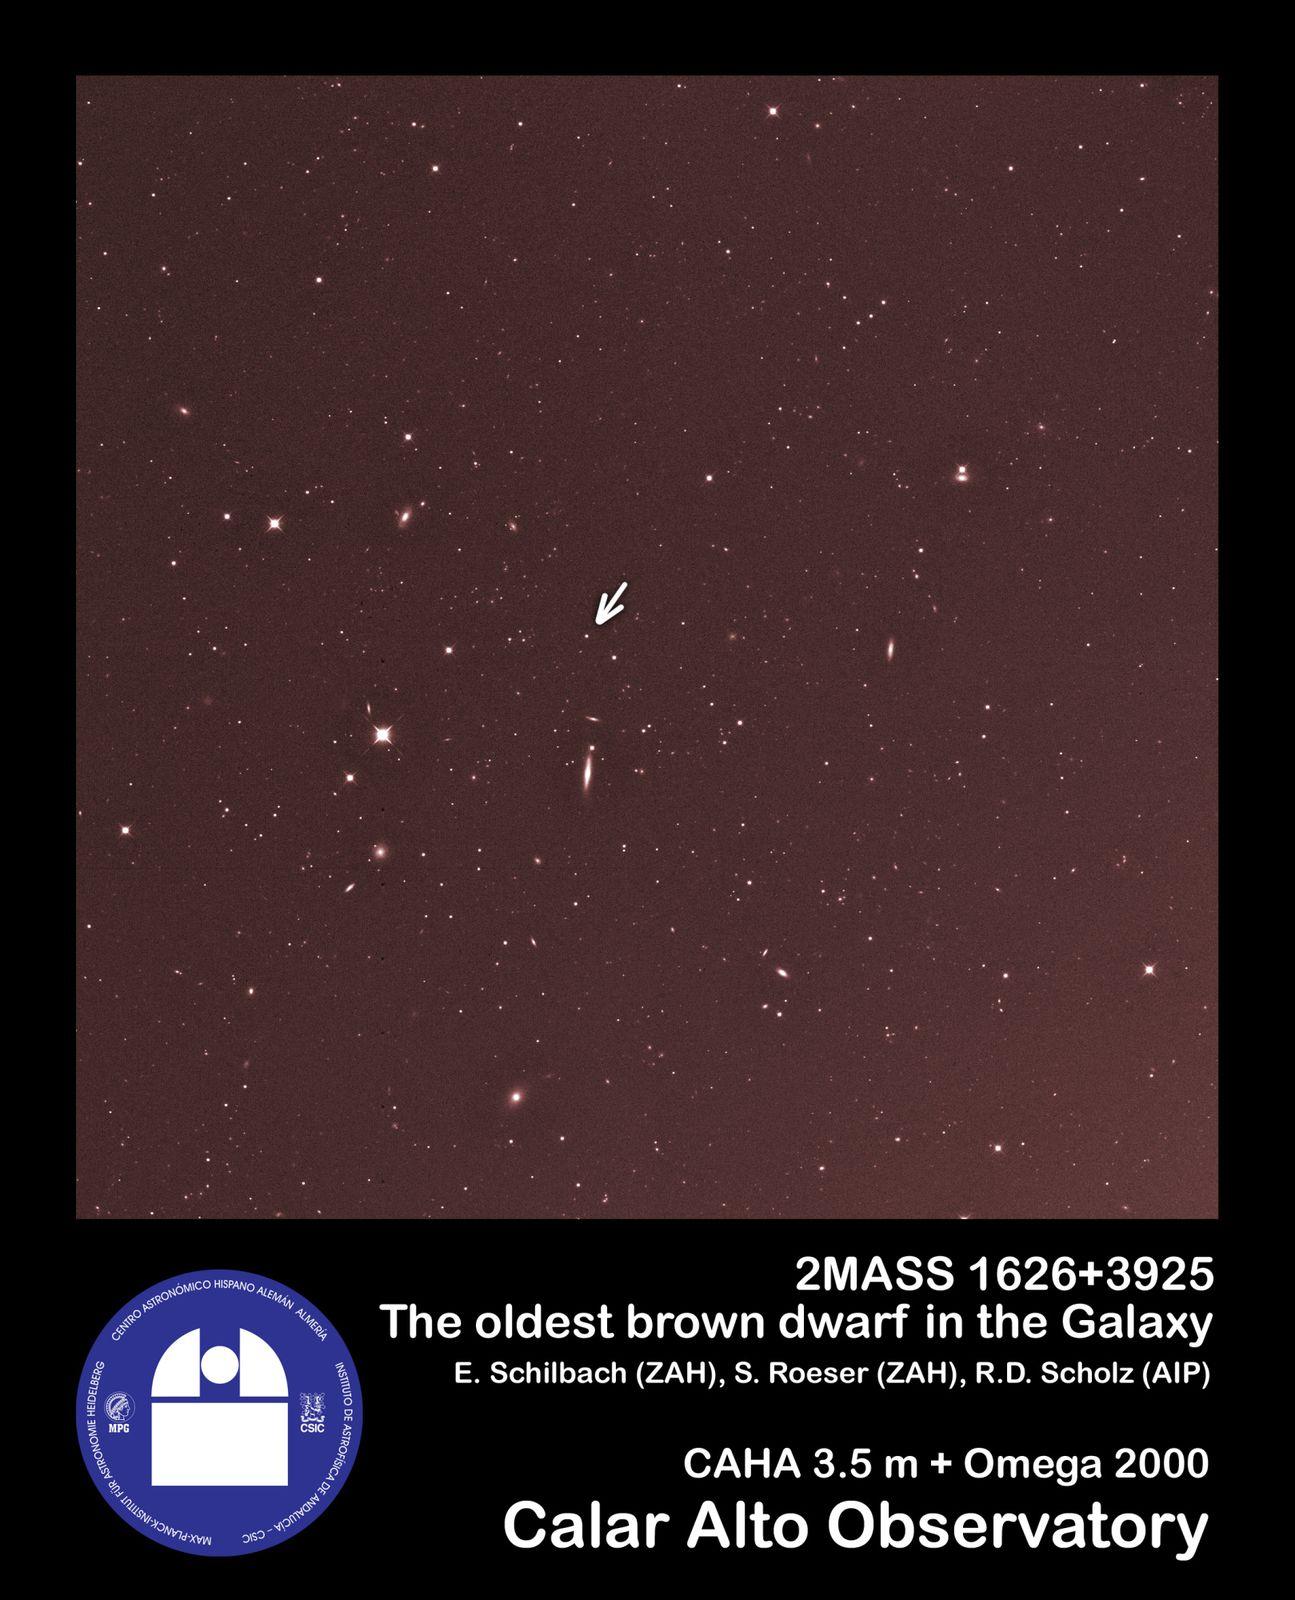 """Indicata dalla freccia, la nana bruna 2MASS 1626+3925, in un'immagine nell'infrarosso ottenuto con la camera Omega 2000, attaccata al telescopio da 3,5 m dell'Osservatorio di Calar Alto. <span class=""""di"""">Cortesia: Calar Alto Observatory</span>"""